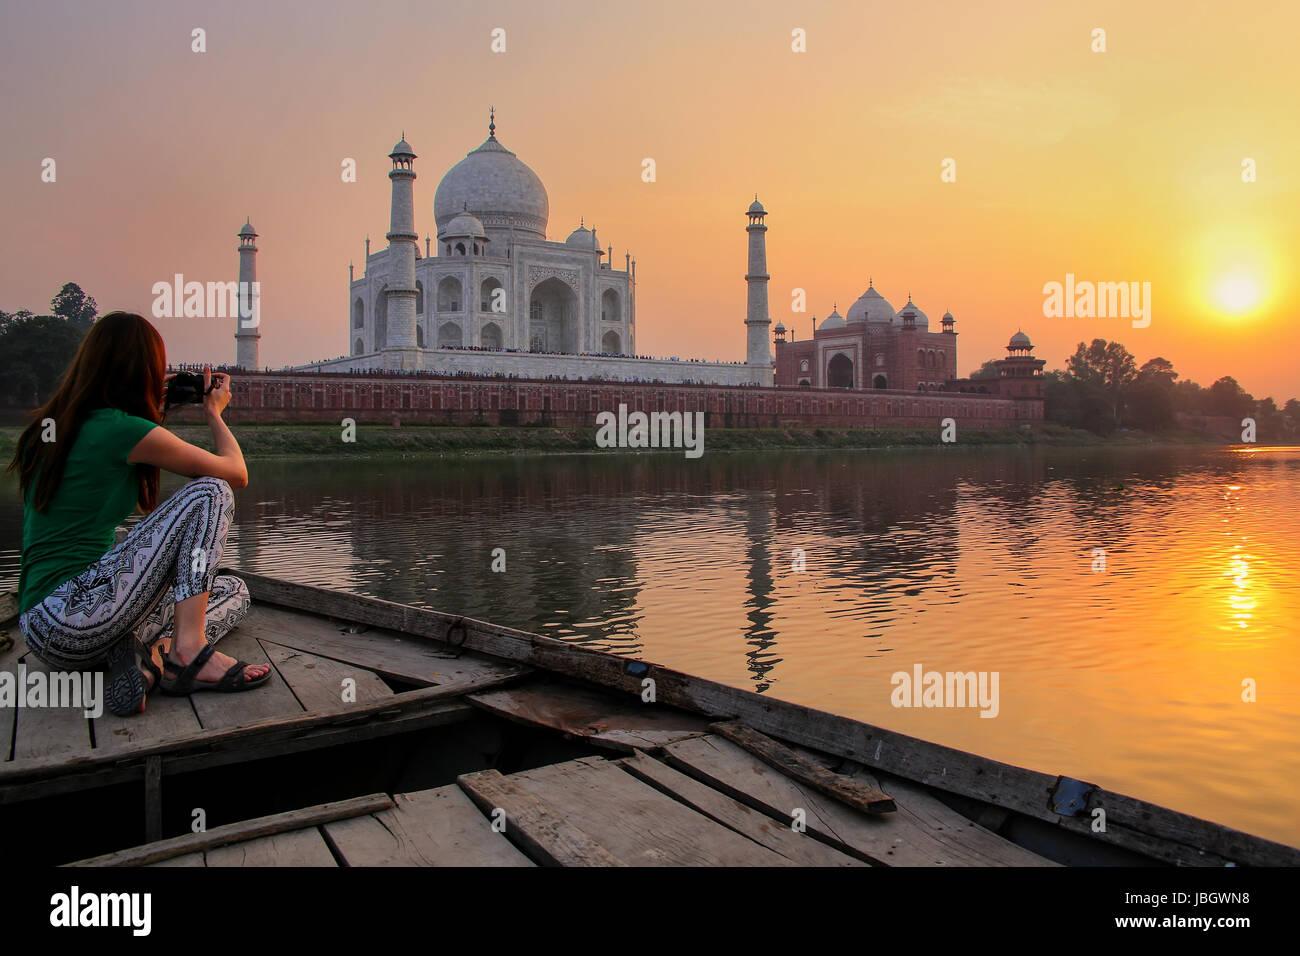 Frau Sonnenuntergang über Taj Mahal vom Boot, Agra, Indien. Es war im Jahre 1632 von Kaiser Shah Jahan als ein Denkmal für seine zweite Frau Mumtaz Mah bauen Stockfoto